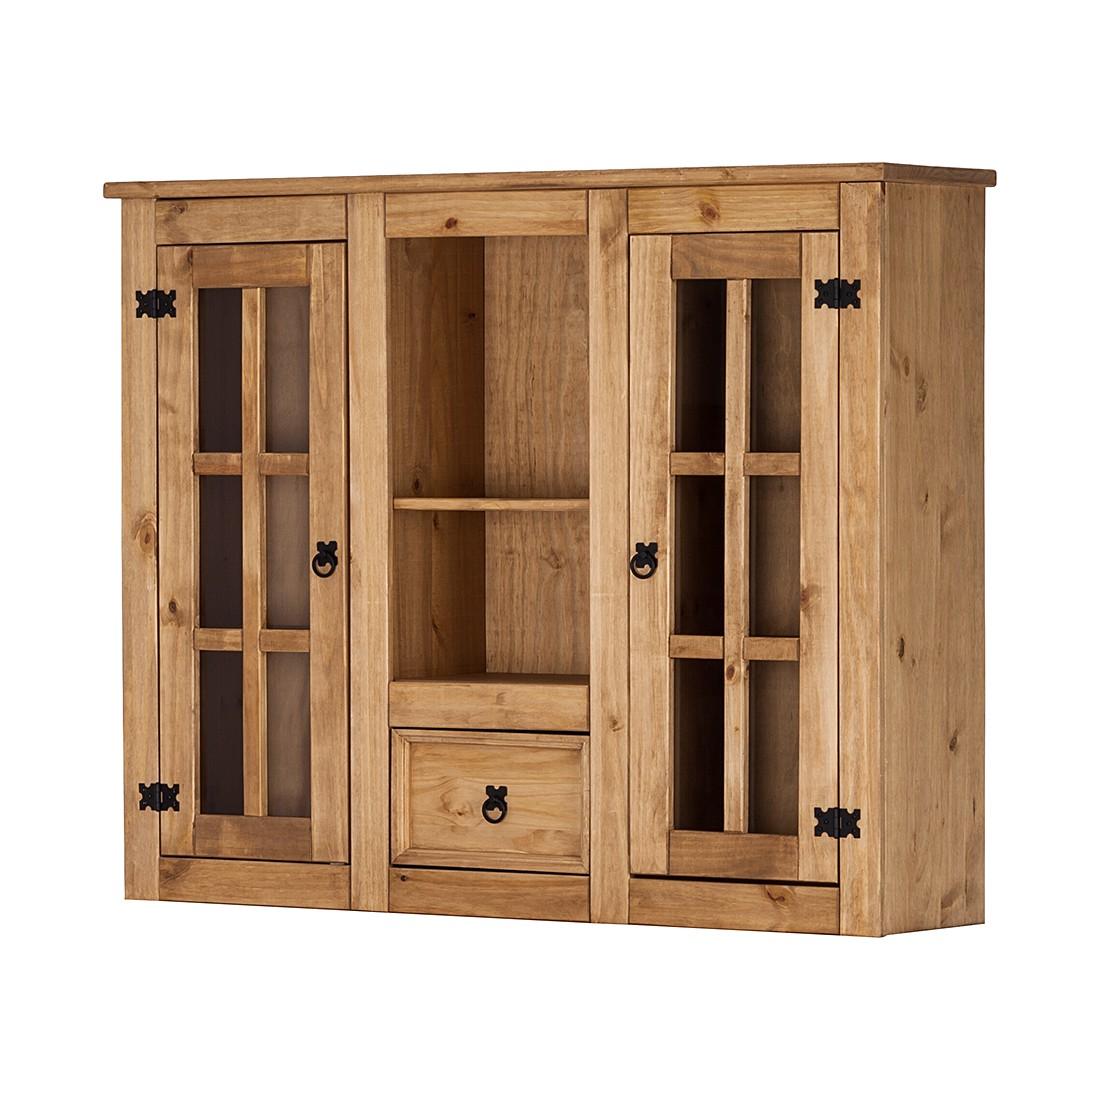 Wohnzimmer online günstig kaufen über shop24.at | shop24